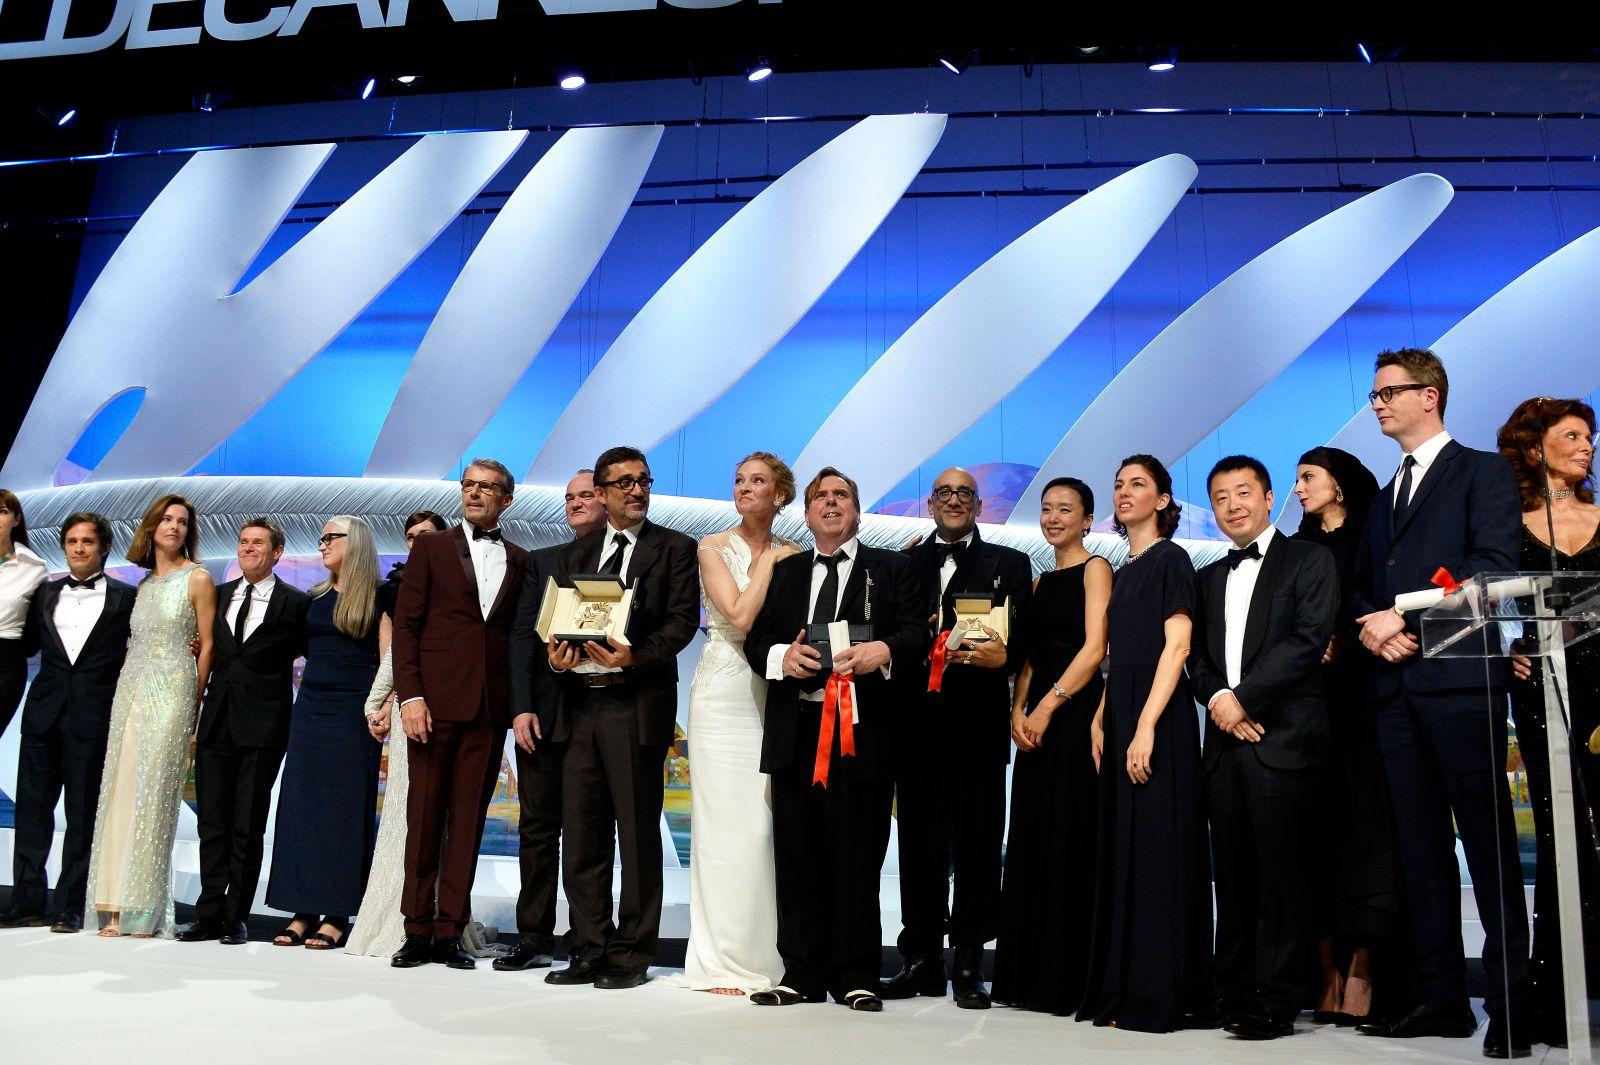 Канны 2014: красная дорожка, победители и церемония закрытия - фото №1